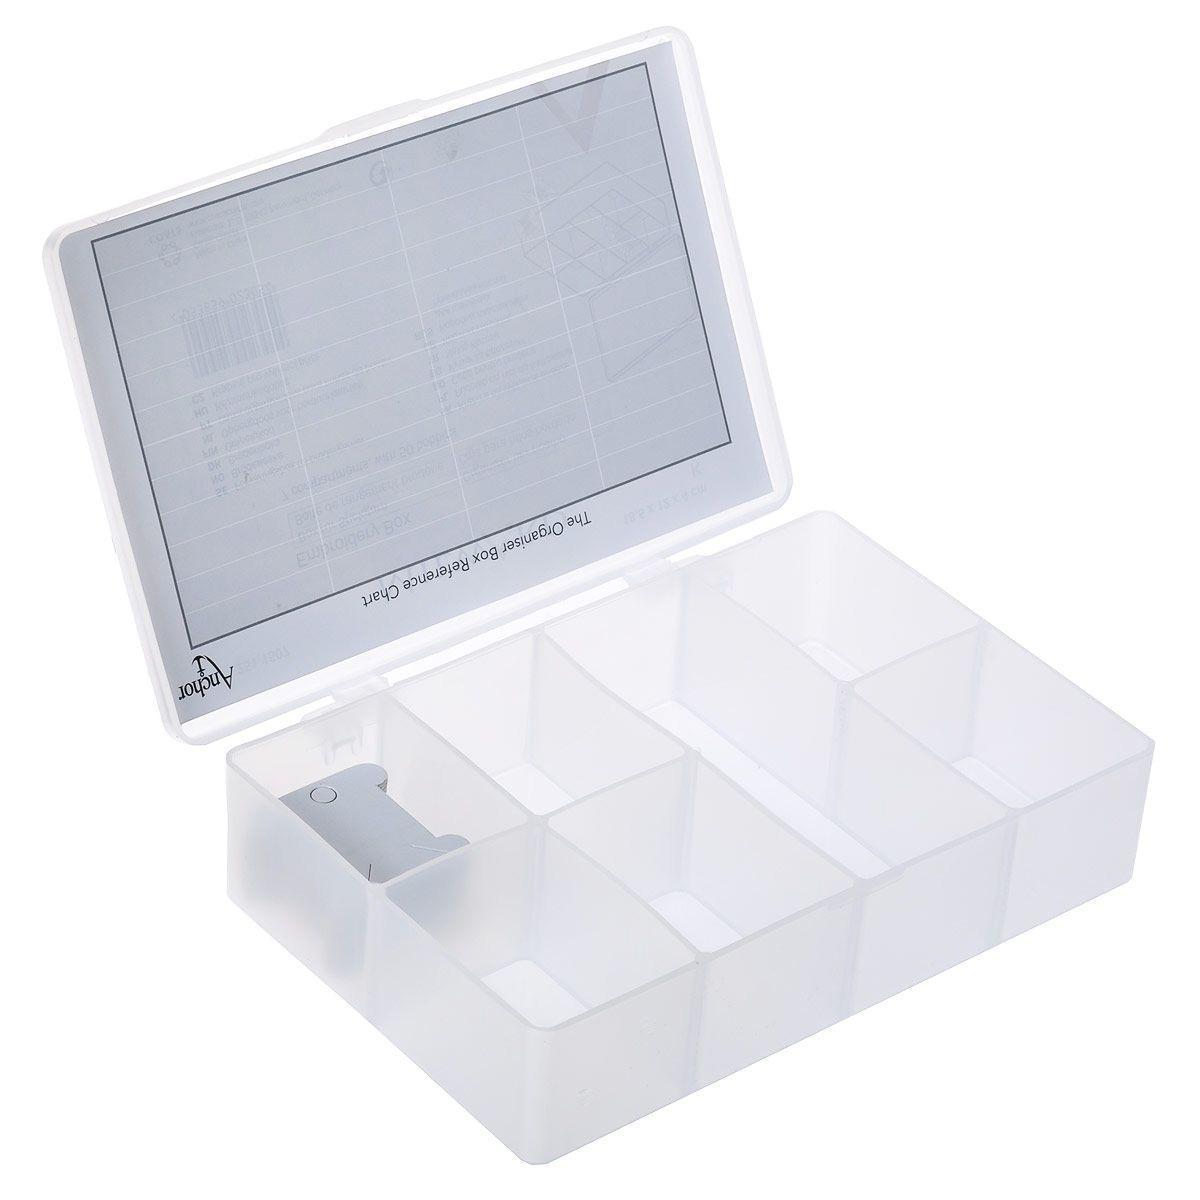 Органайзер для мулине Anchor Brig-org2med, 18,5 см х 12 см х 4 см2511507Органайзер для мулине Anchor Brig-org2med изготовлен из прозрачного пластика. Предназначен для хранения швейных принадлежностей и мулине (в комплекте имеются картонные катушки для ниток). Внутри содержится 7 ячеек: 6 квадратных и 1 прямоугольная. Прозрачная поверхность позволяет видеть содержимое органайзера. Удобный и надежный замок-защелка обеспечивает надежное закрывание крышки. Органайзер легко моется и чистится.